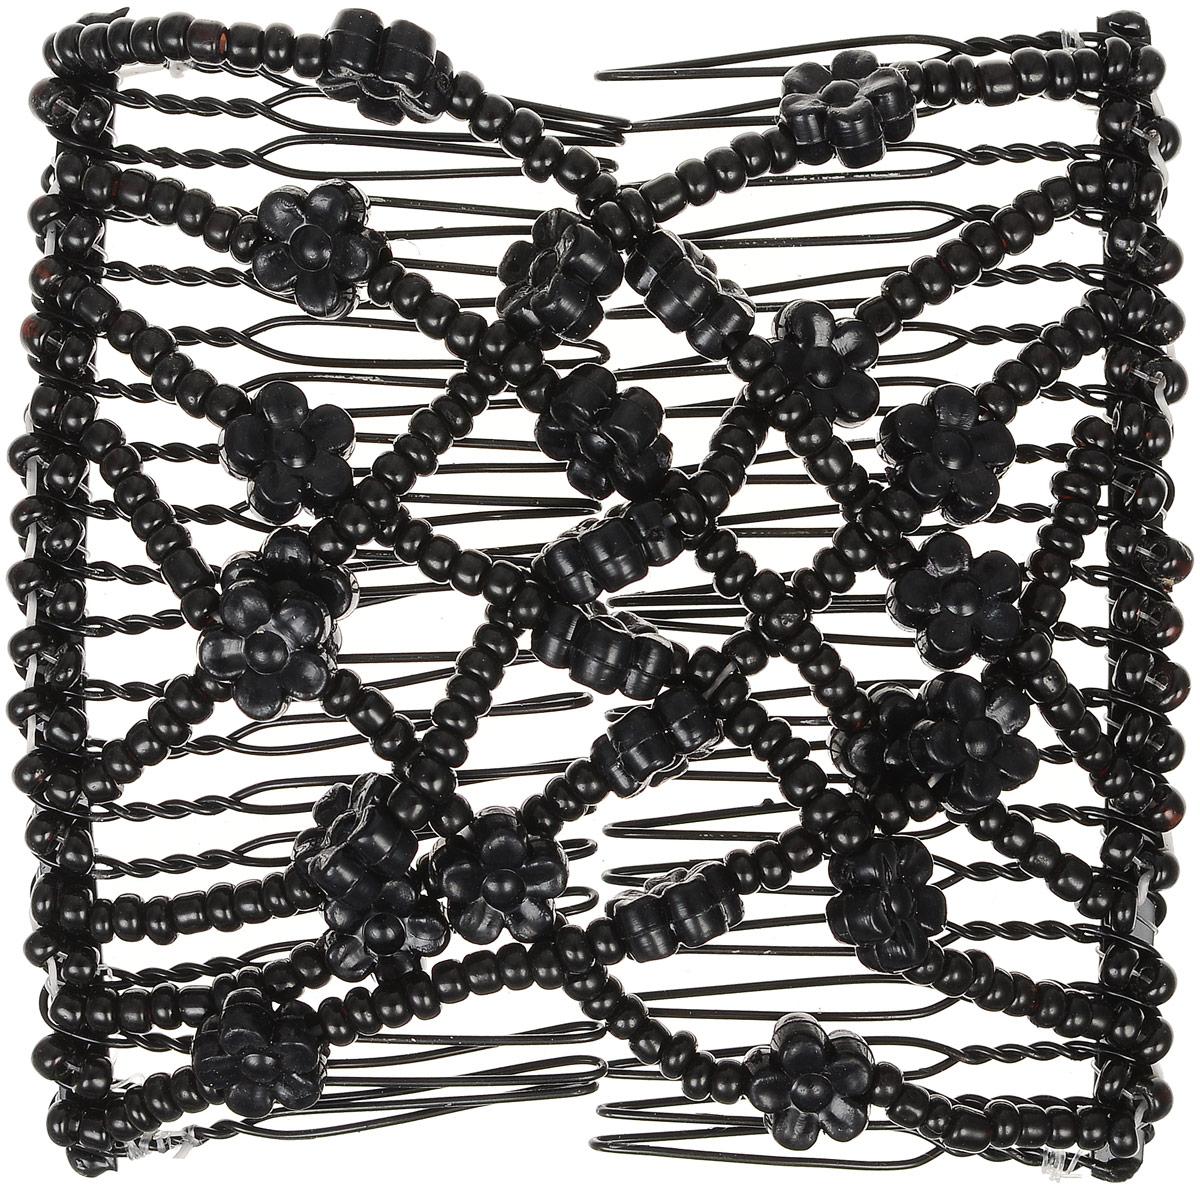 EZ-Combs Заколка Изи-Комбс, одинарная, цвет: черный. ЗИО_цветочкиЗИО_черный, цветочкиУдобная и практичная EZ-Combs подходит для любого типа волос: тонких, жестких, вьющихся или прямых, и не наносит им никакого вреда. Заколка не мешает движениям головы и не создает дискомфорта, когда вы отдыхаете или управляете автомобилем. Каждый гребень имеет по 20 зубьев для надежной фиксации заколки на волосах! И даже во время бега и интенсивных тренировок в спортзале EZ-Combs не падает; она прочно фиксирует прическу, сохраняя укладку в первозданном виде. Небольшая и легкая заколка для волос EZ-Combs поместится в любой дамской сумочке, позволяя быстро и без особых усилий создавать неповторимые прически там, где вам это удобно. Гребень прекрасно сочетается с любой одеждой: будь это классический или спортивный стиль, завершая гармоничный облик современной леди. И неважно, какой образ жизни вы ведете, если у вас есть EZ-Combs, вы всегда будете выглядеть потрясающе.